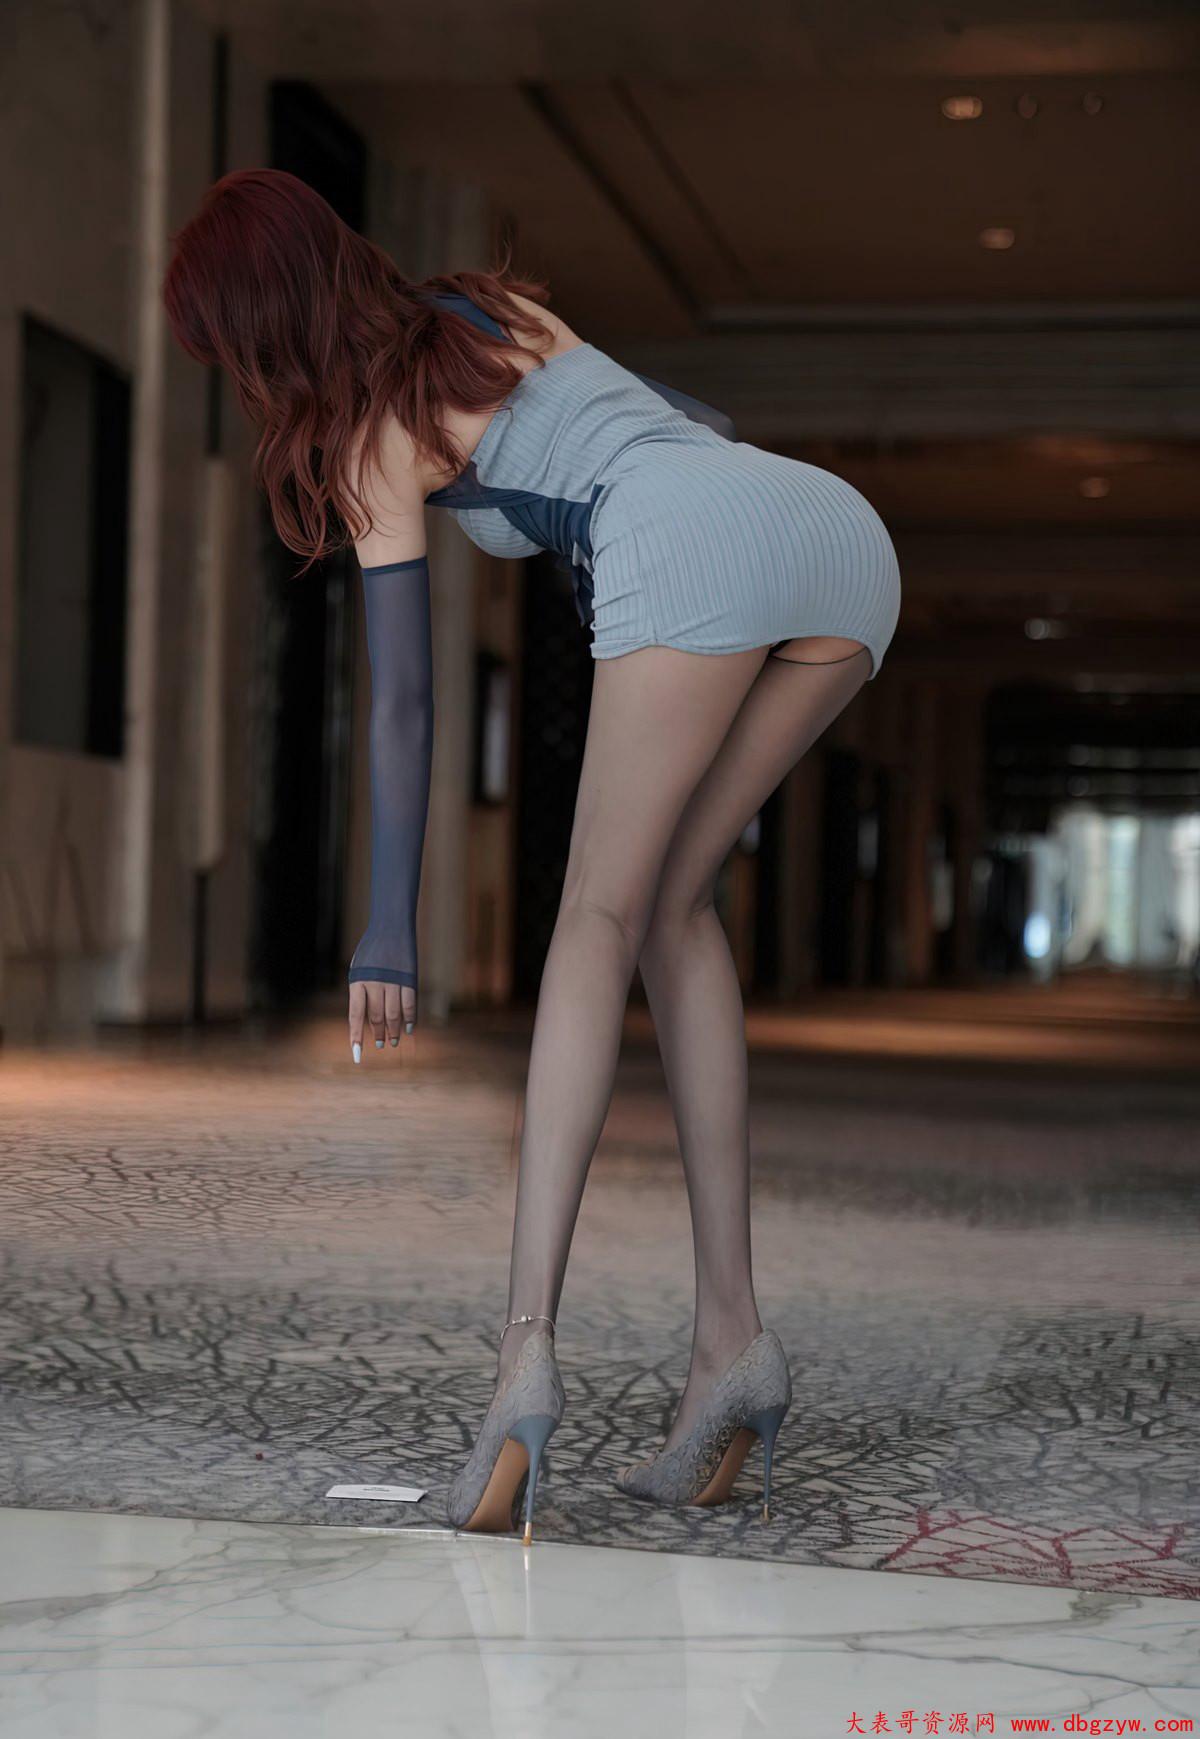 极品大胸黑丝袜高翘臀翘臀黑丝袜高跟玉足熟女少妇